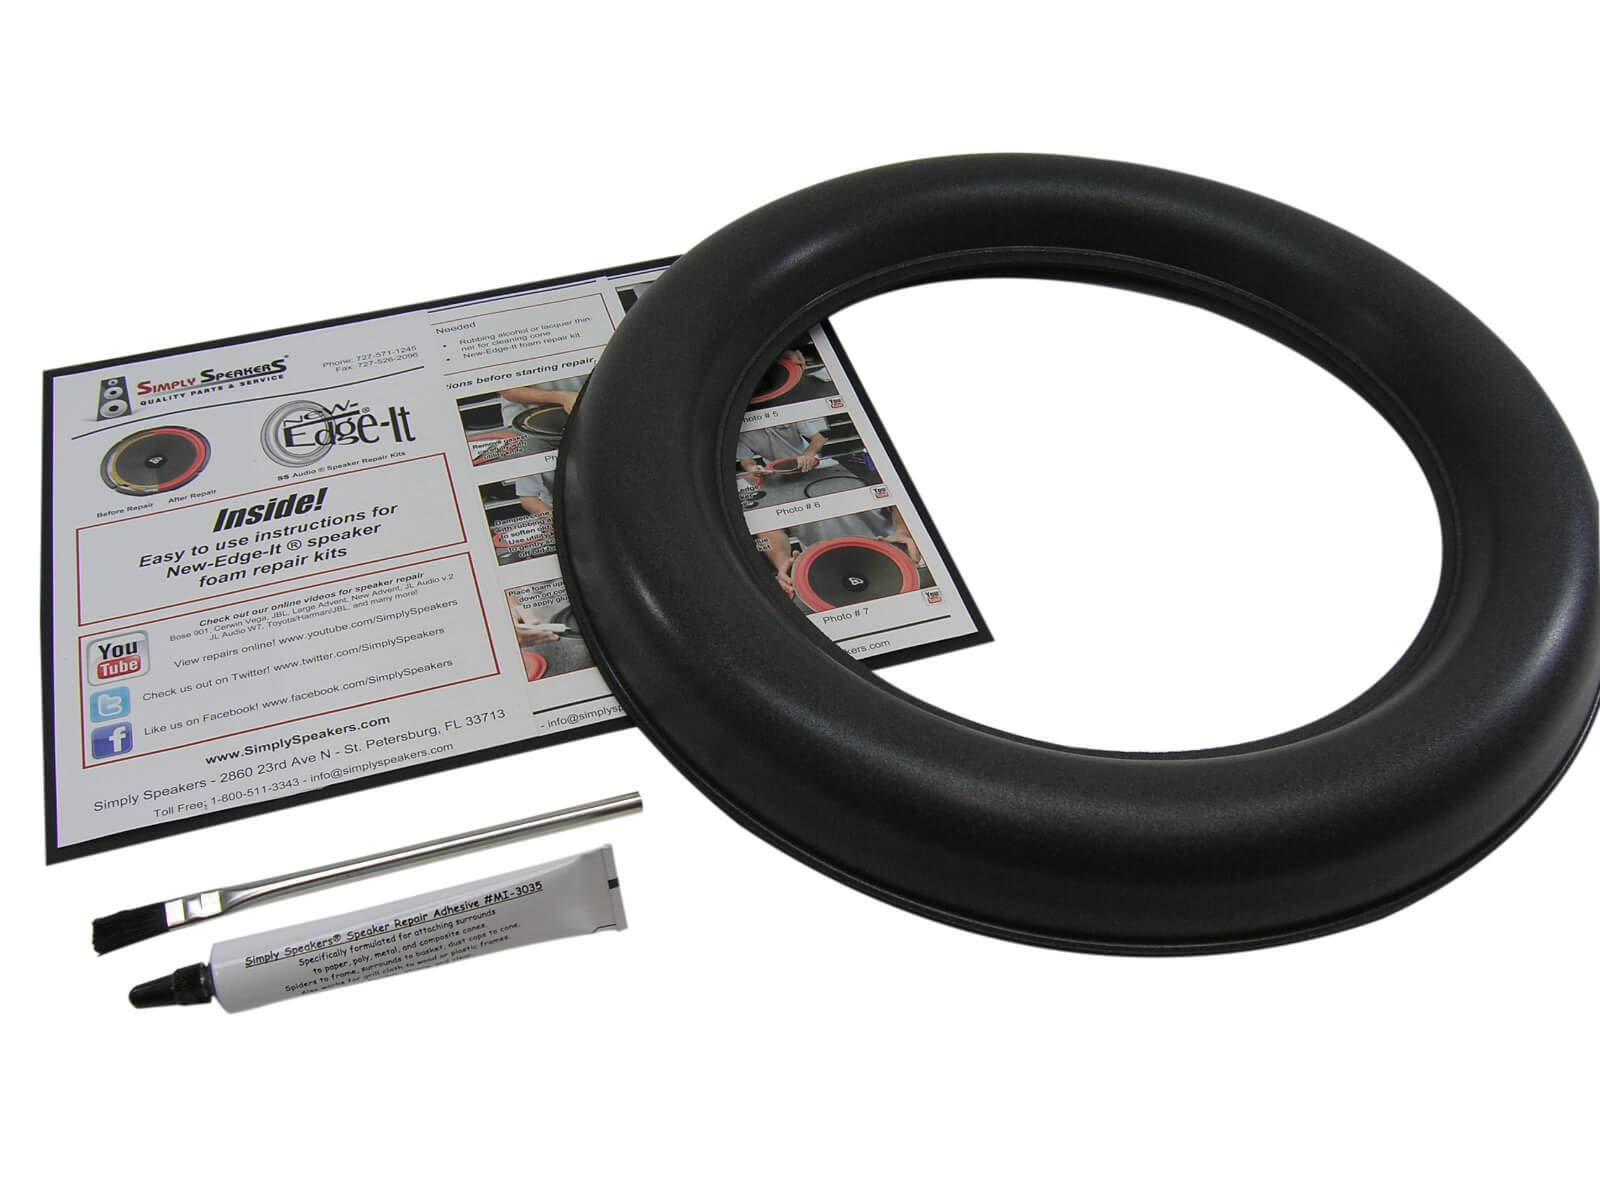 JL Audio Single 13.5 Inch 13W7 Foam Speaker Repair Kit, Super Wide Roll, 13W7, FSK-13JL-W7-1 (Single) by Simply Speakers